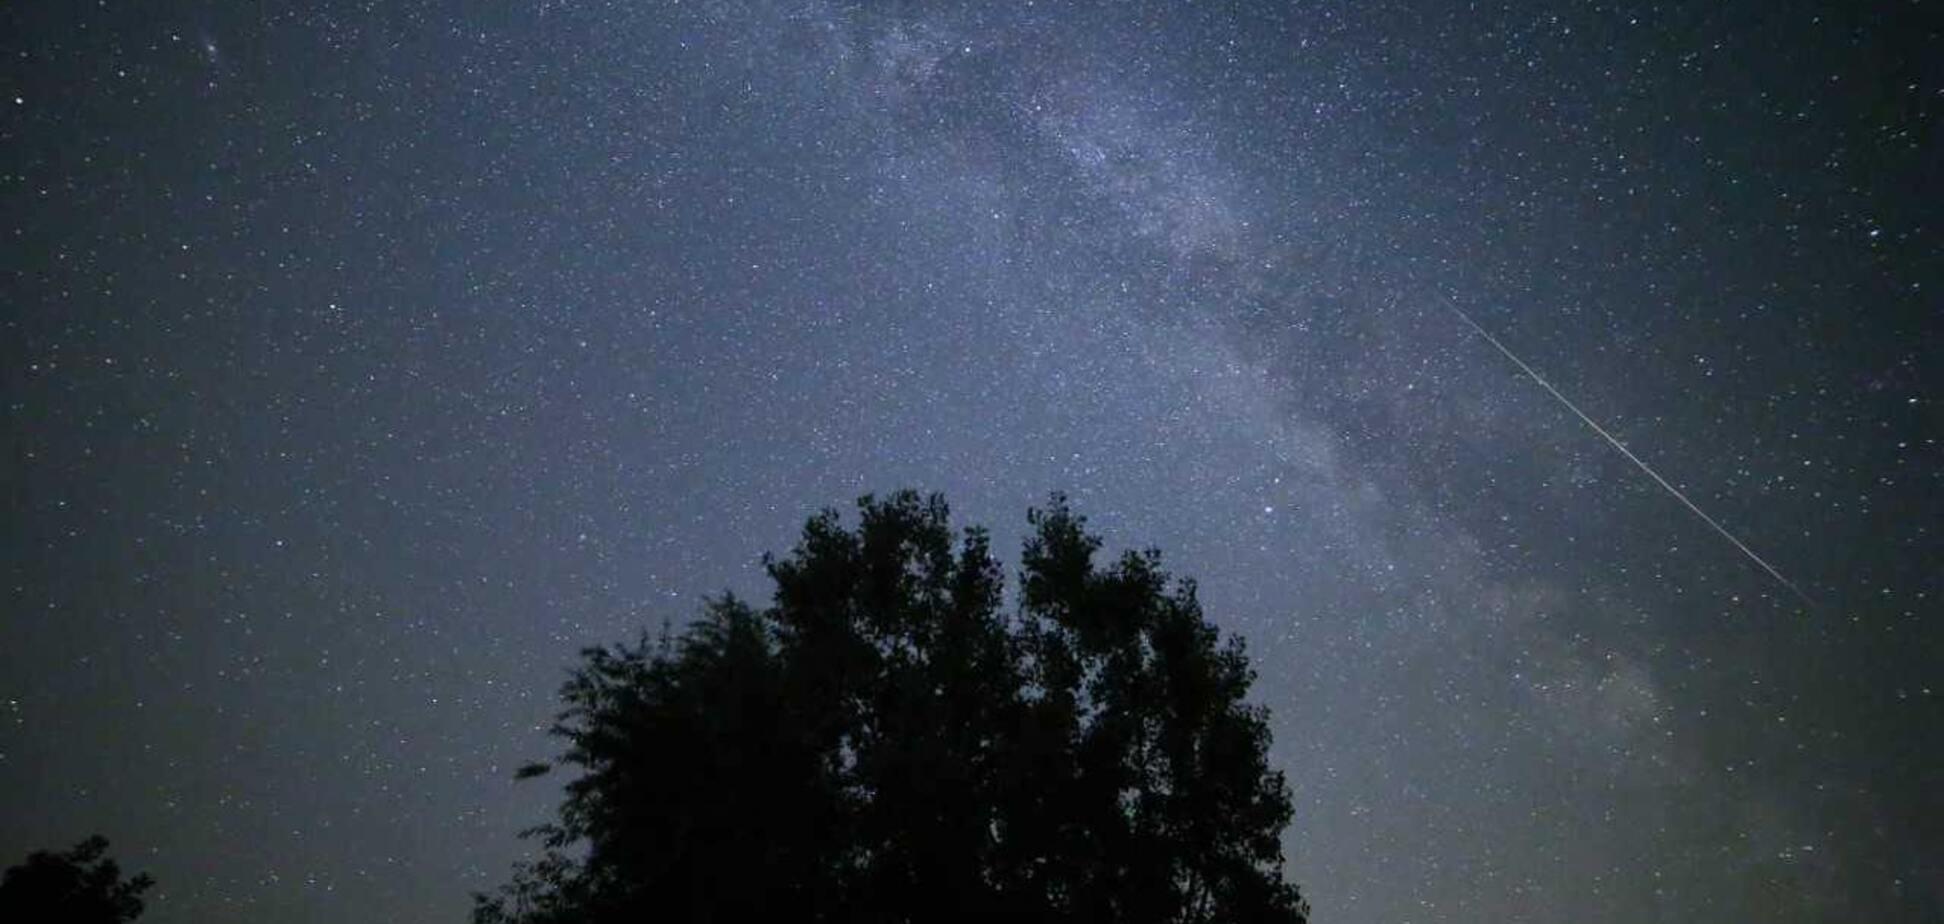 З 17 липня по 24 серпня в небі триває зорепад Персеїди